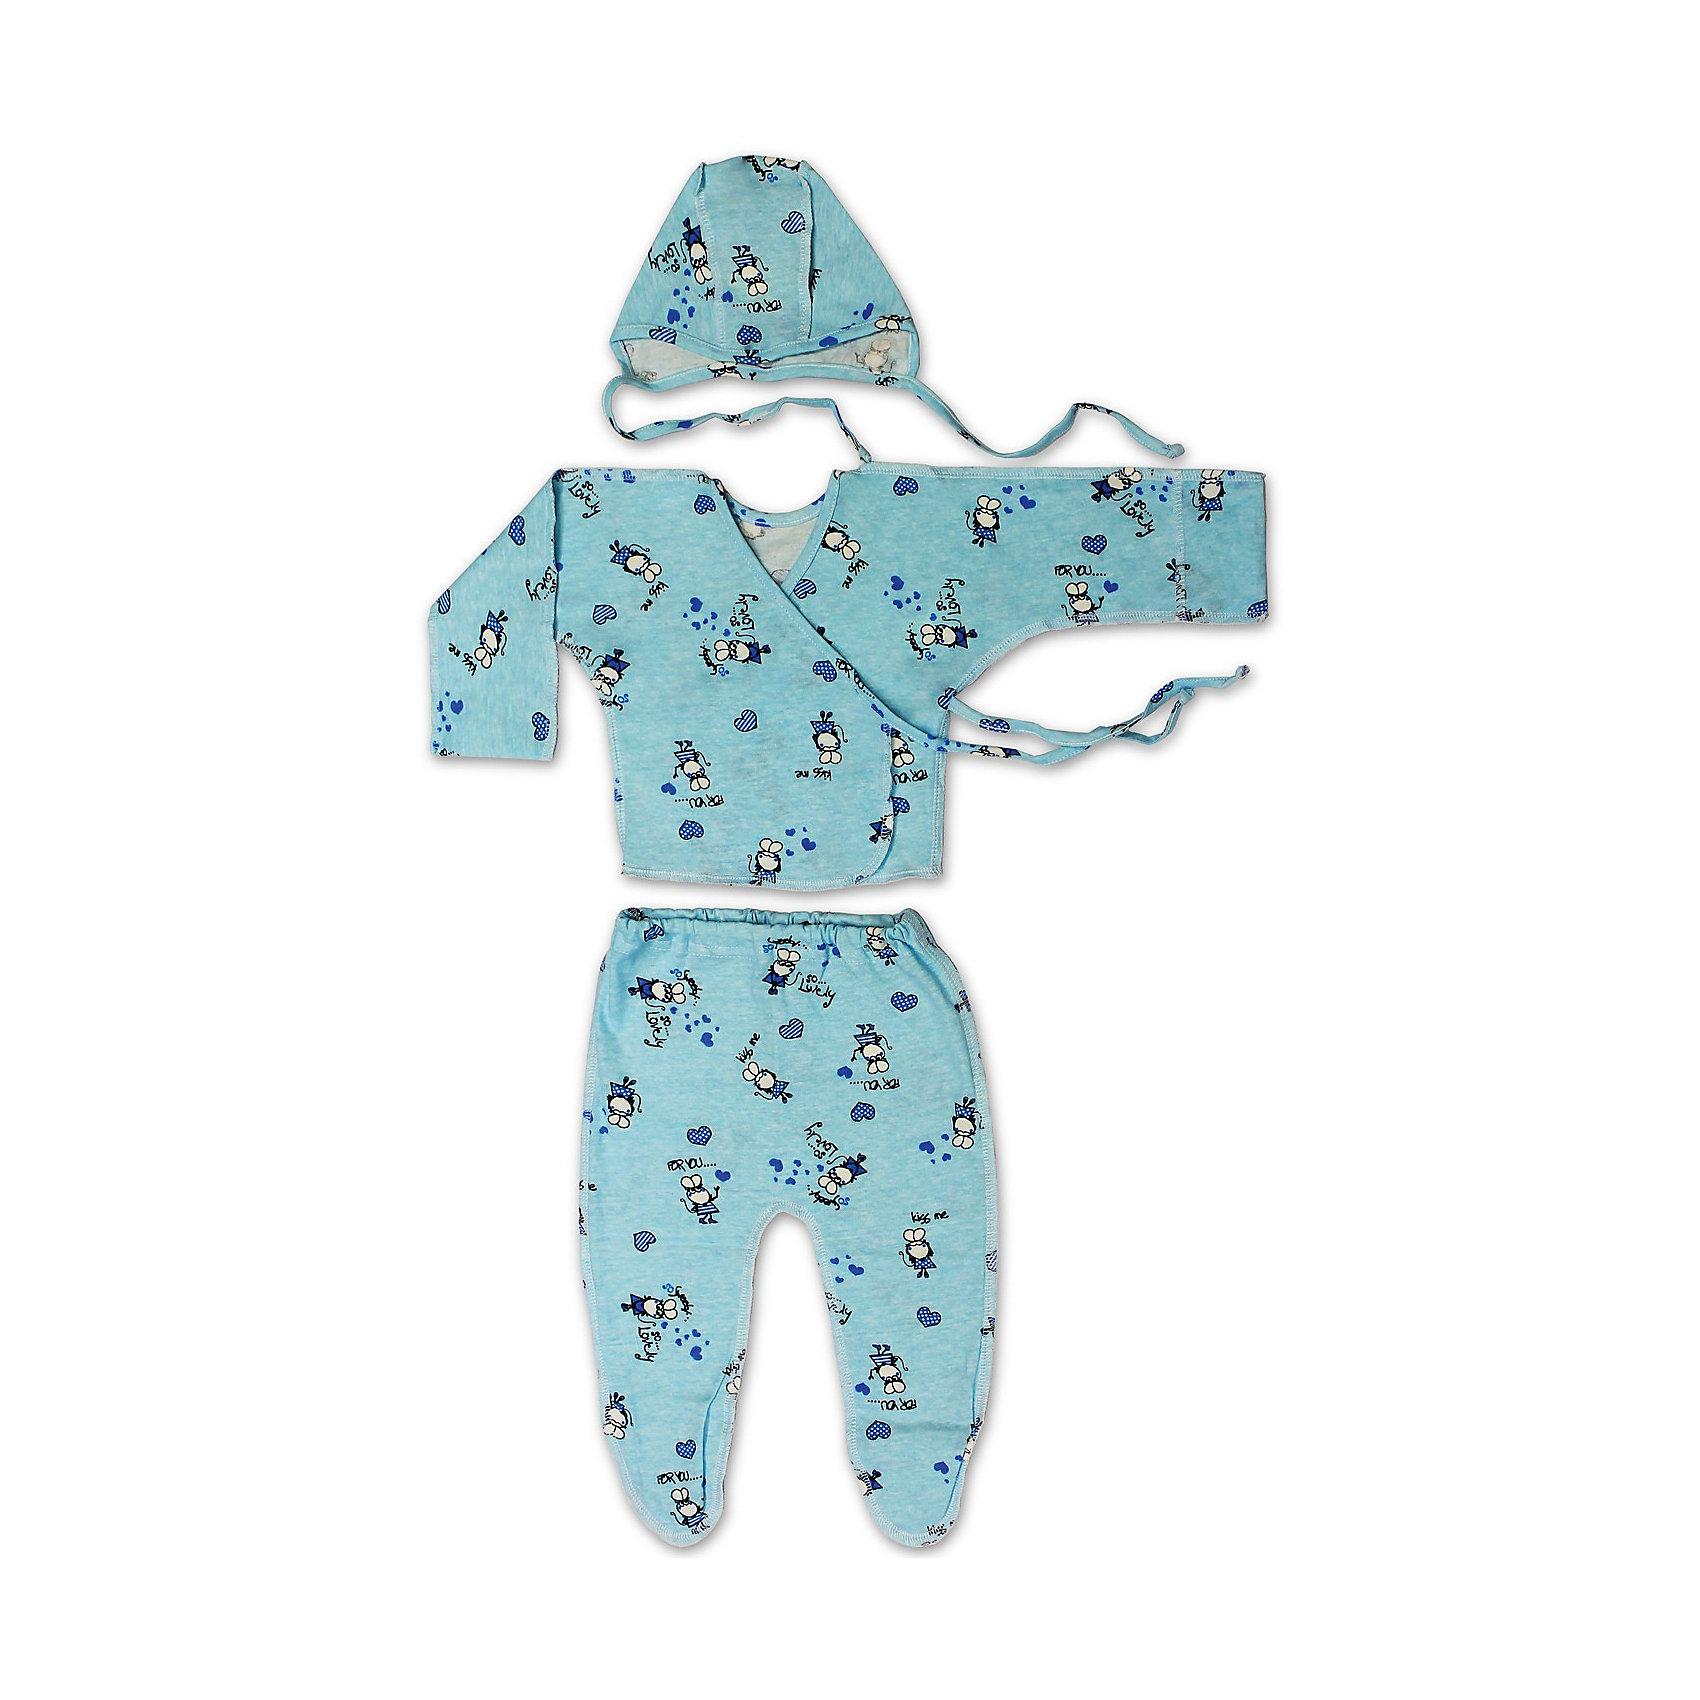 Комплект стерильного белья для новорожденного ФЭСТКомплекты<br>Комплект стерильного белья для новорожденного ФЭСТ можно брать с собой в перинатальное отделение, роддом и другие стационары, где инфекционной безопасности уделяется особое внимание.<br><br>Позаботьтесь о безопасности своего малыша — возьмите с собой в роддом этот симпатичный комплект, выполненный из трикотажного хлопкового полотна с набивным рисунком.<br><br>В комплект входят ползунки, распашонка, чепчик.<br>Для удобства малыша модели выполнены швами наружу.<br><br>Комплект предназначен для использования как в больнице, так и дома, после выписки.<br><br><br>Состав: хлопок-100%<br><br>Ширина мм: 157<br>Глубина мм: 13<br>Высота мм: 119<br>Вес г: 200<br>Цвет: голубой<br>Возраст от месяцев: 0<br>Возраст до месяцев: 3<br>Пол: Унисекс<br>Возраст: Детский<br>Размер: 56<br>SKU: 4918306